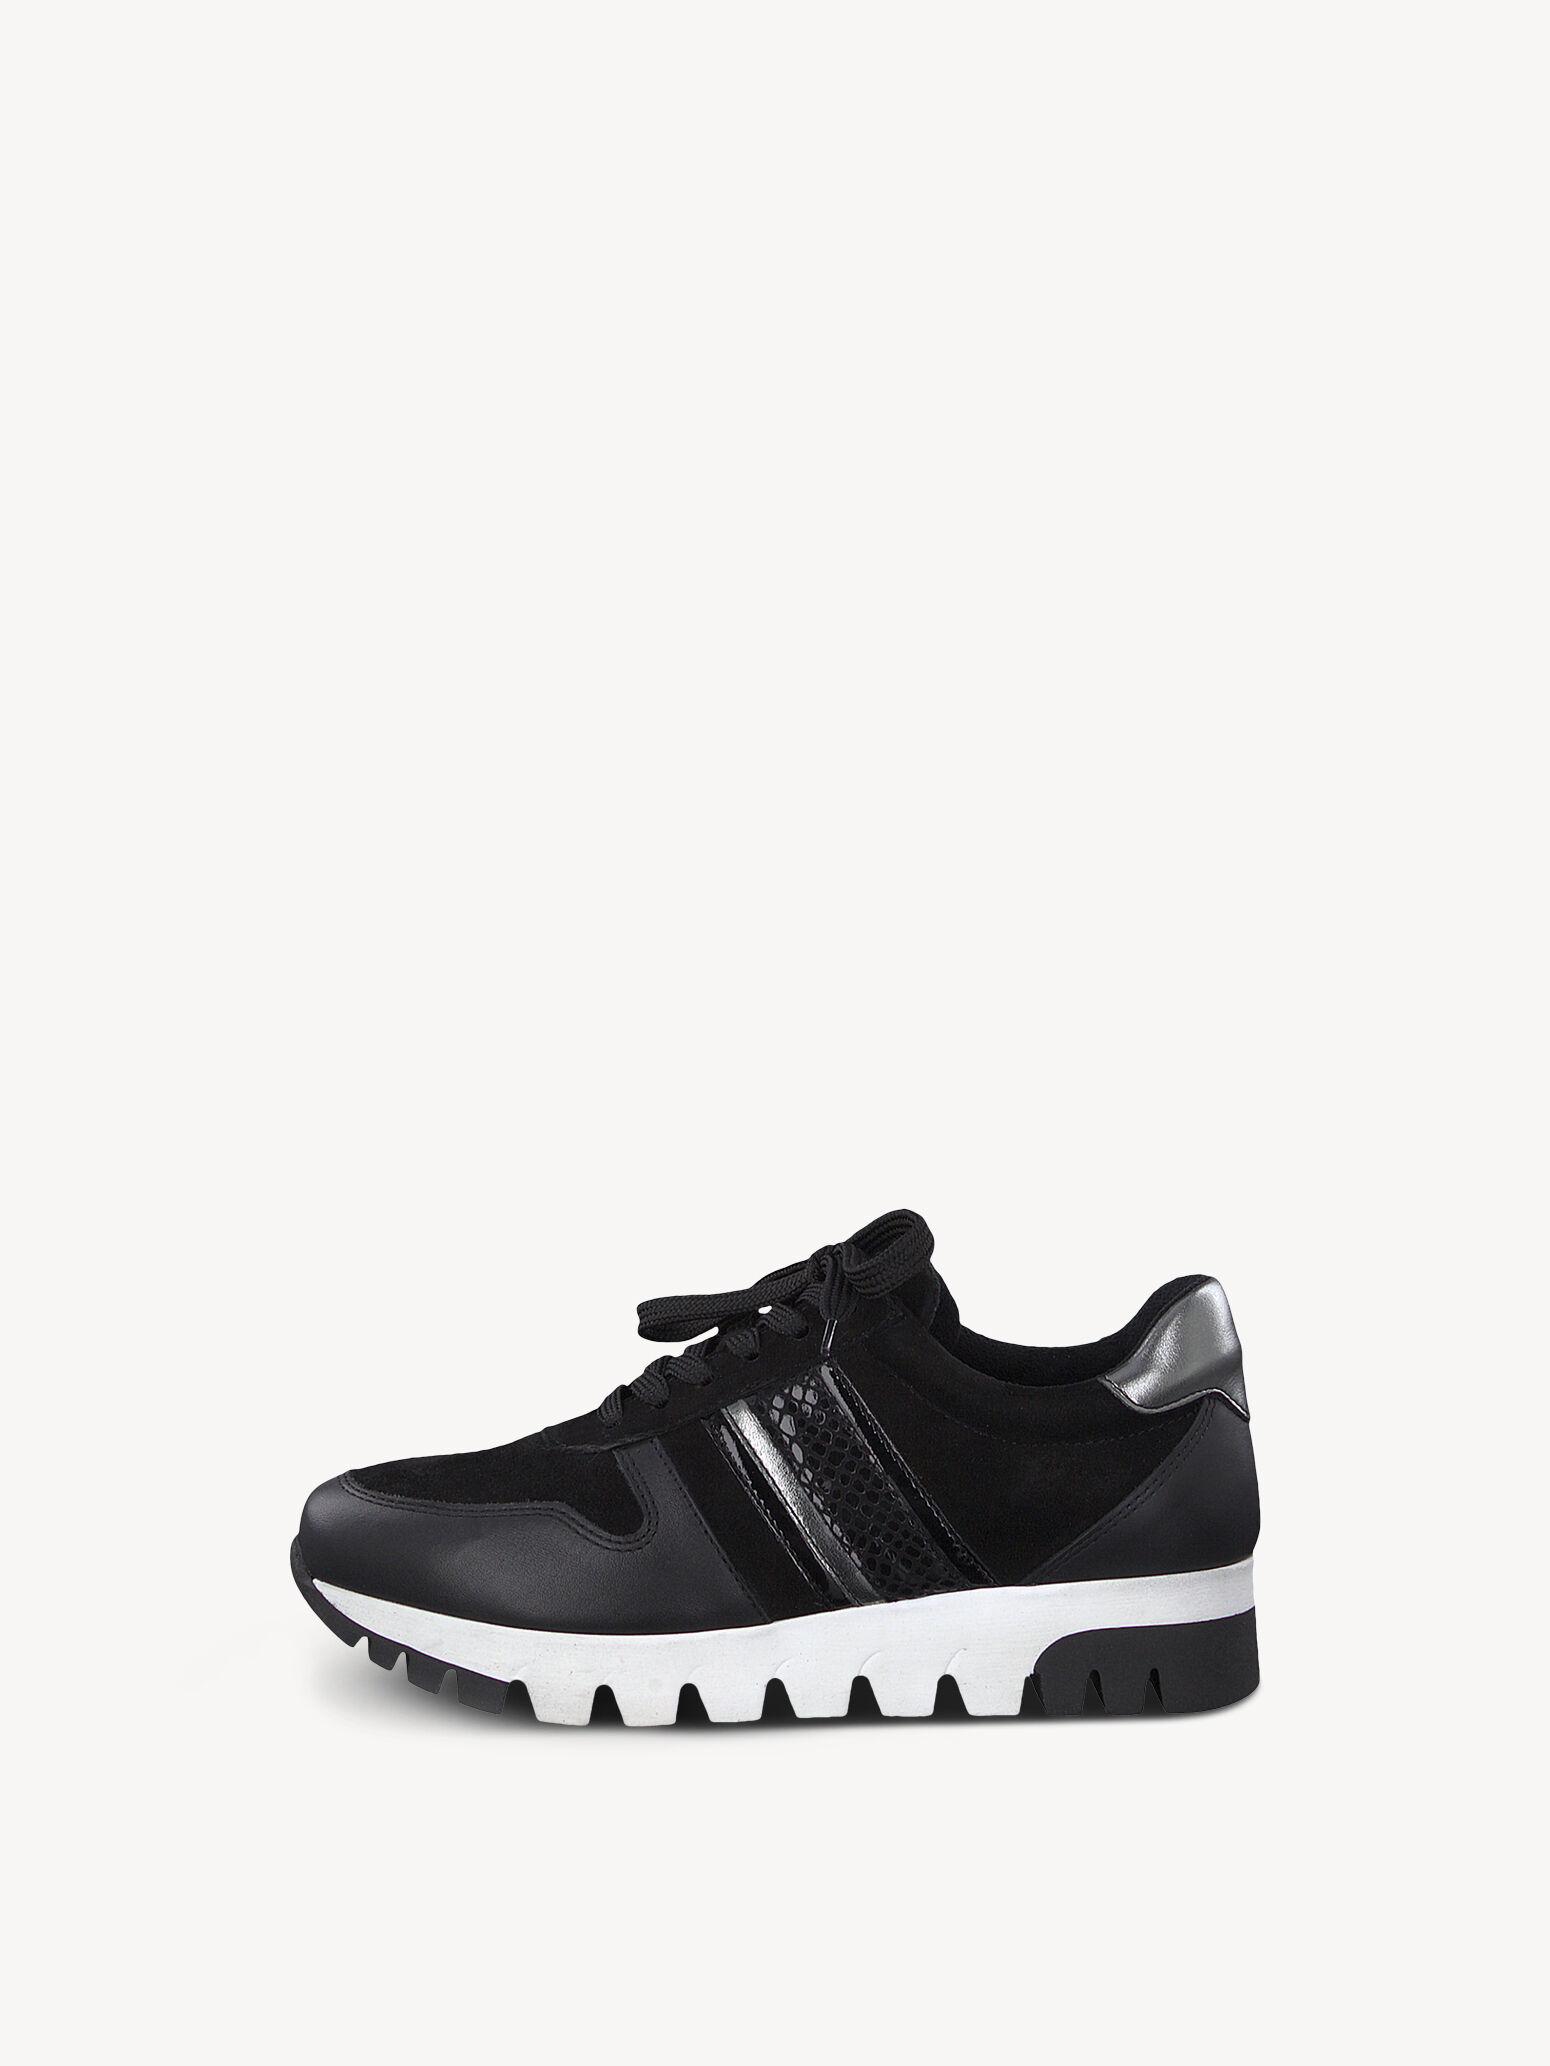 Schuhe in schwarz für Damen online kaufen Tamaris Damenschuhe